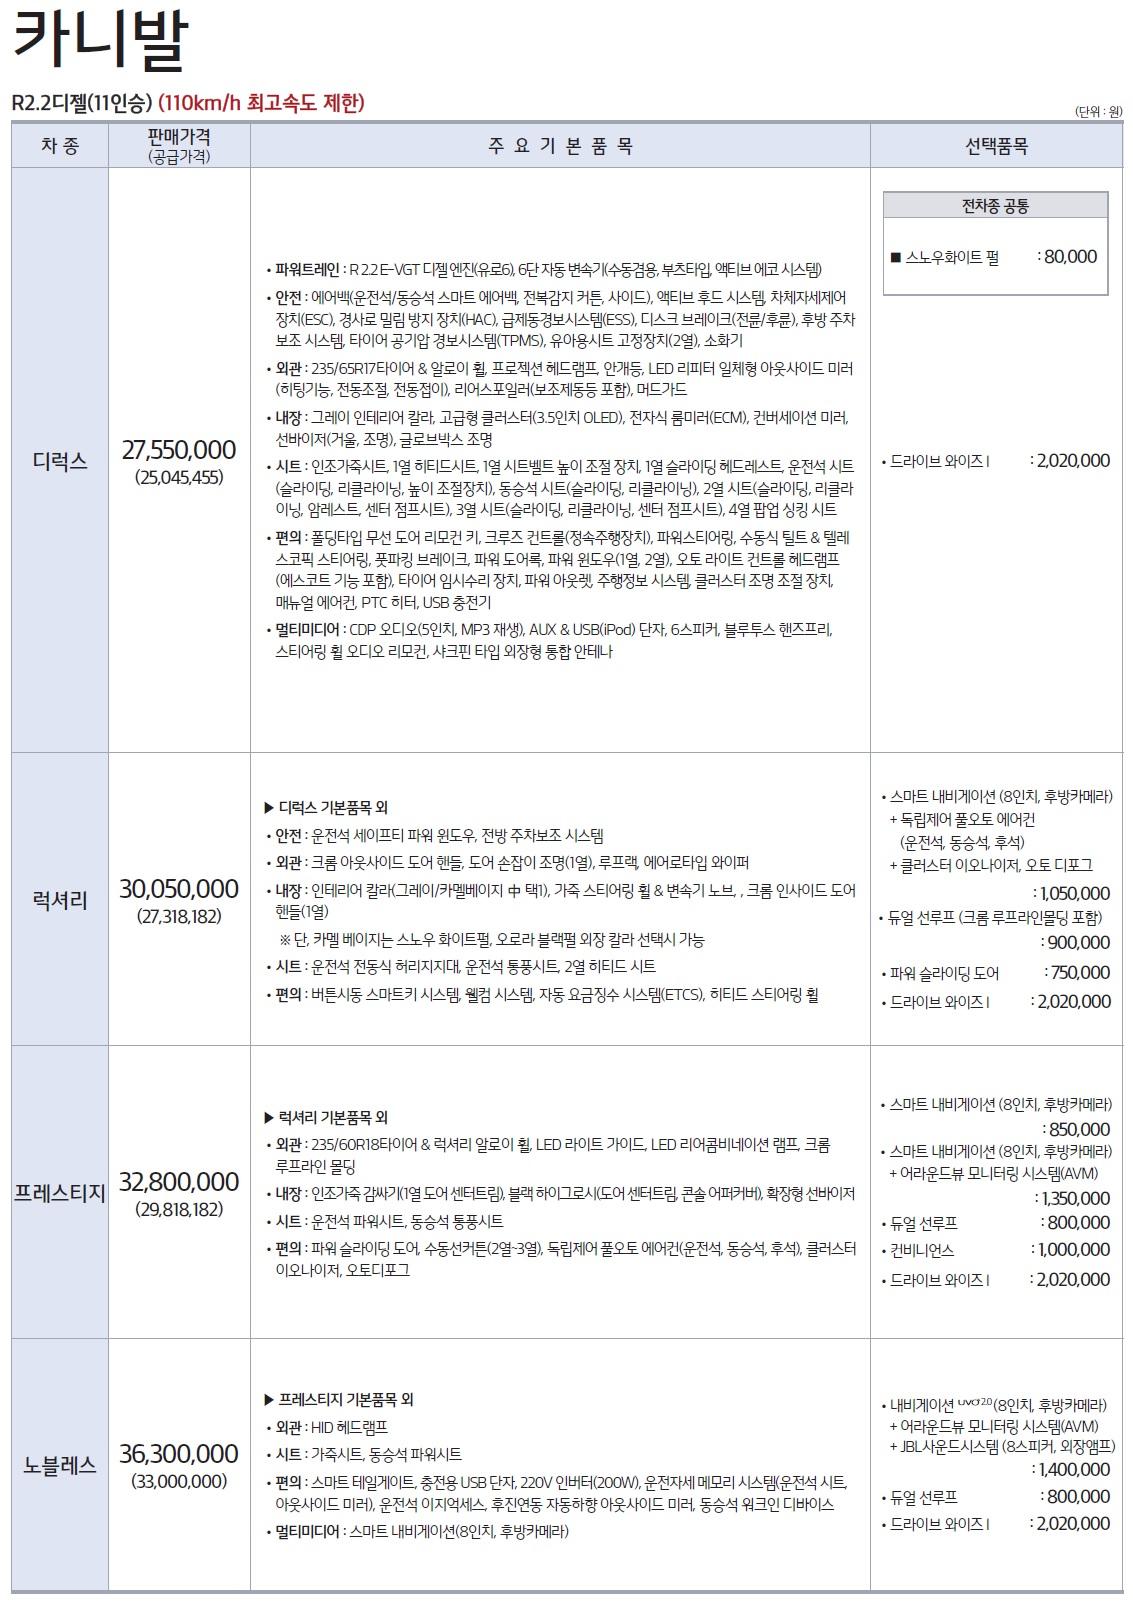 올뉴카니발 가격표 - 2018년형 (2017년 04월) -2.jpg